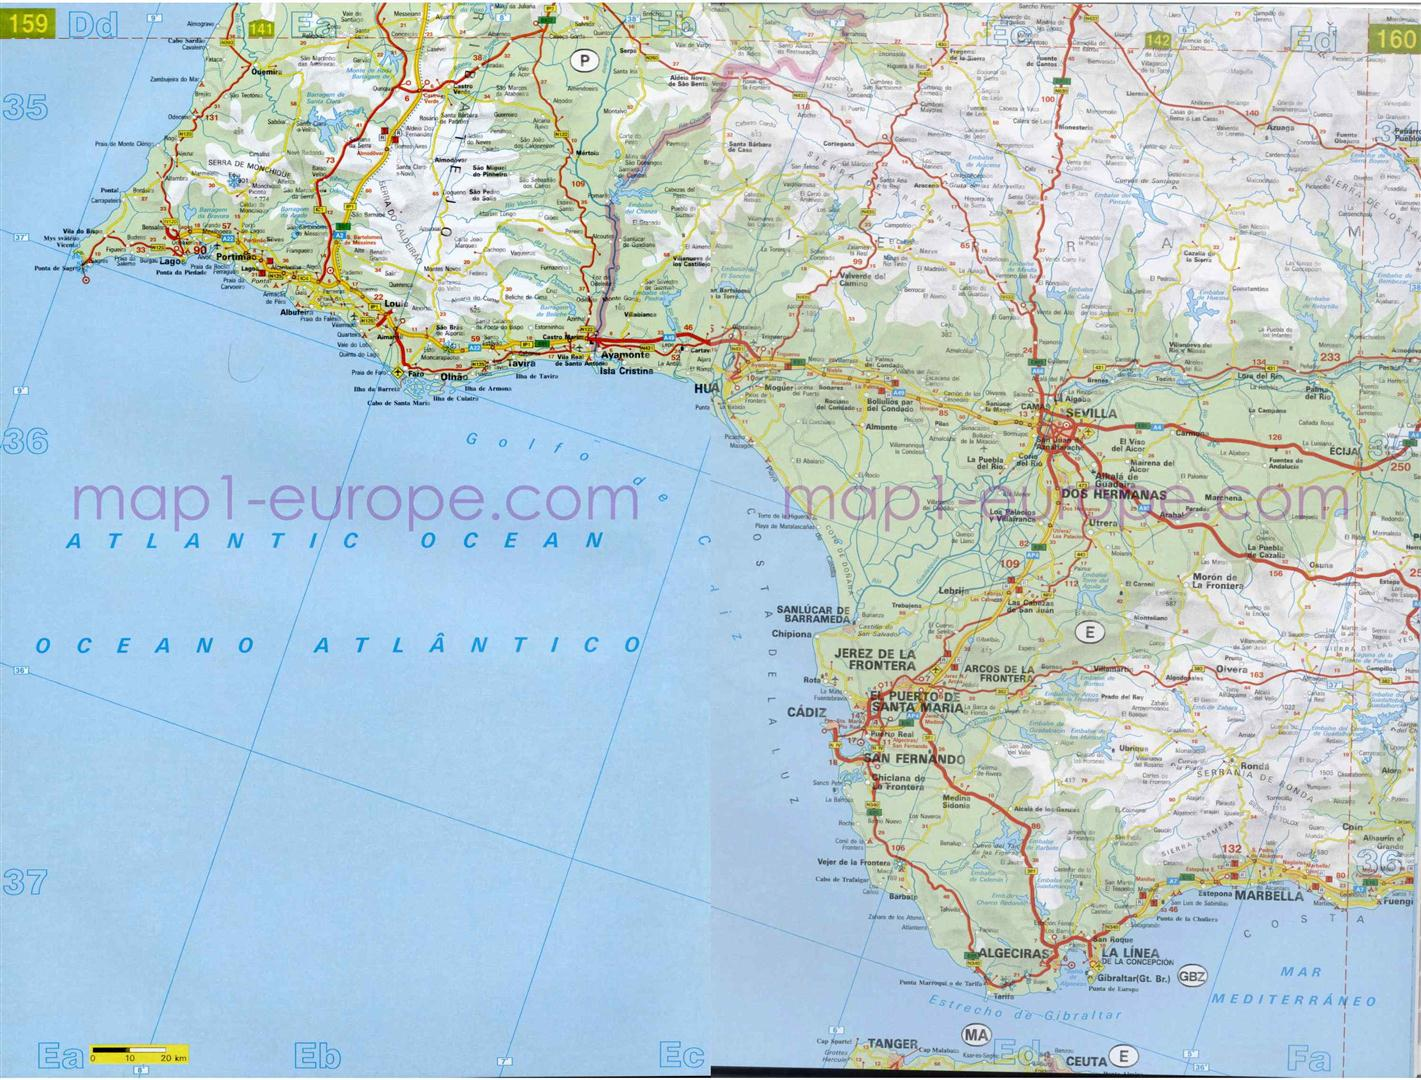 Gua de rutas de Huelva  MapaCarreterasorg